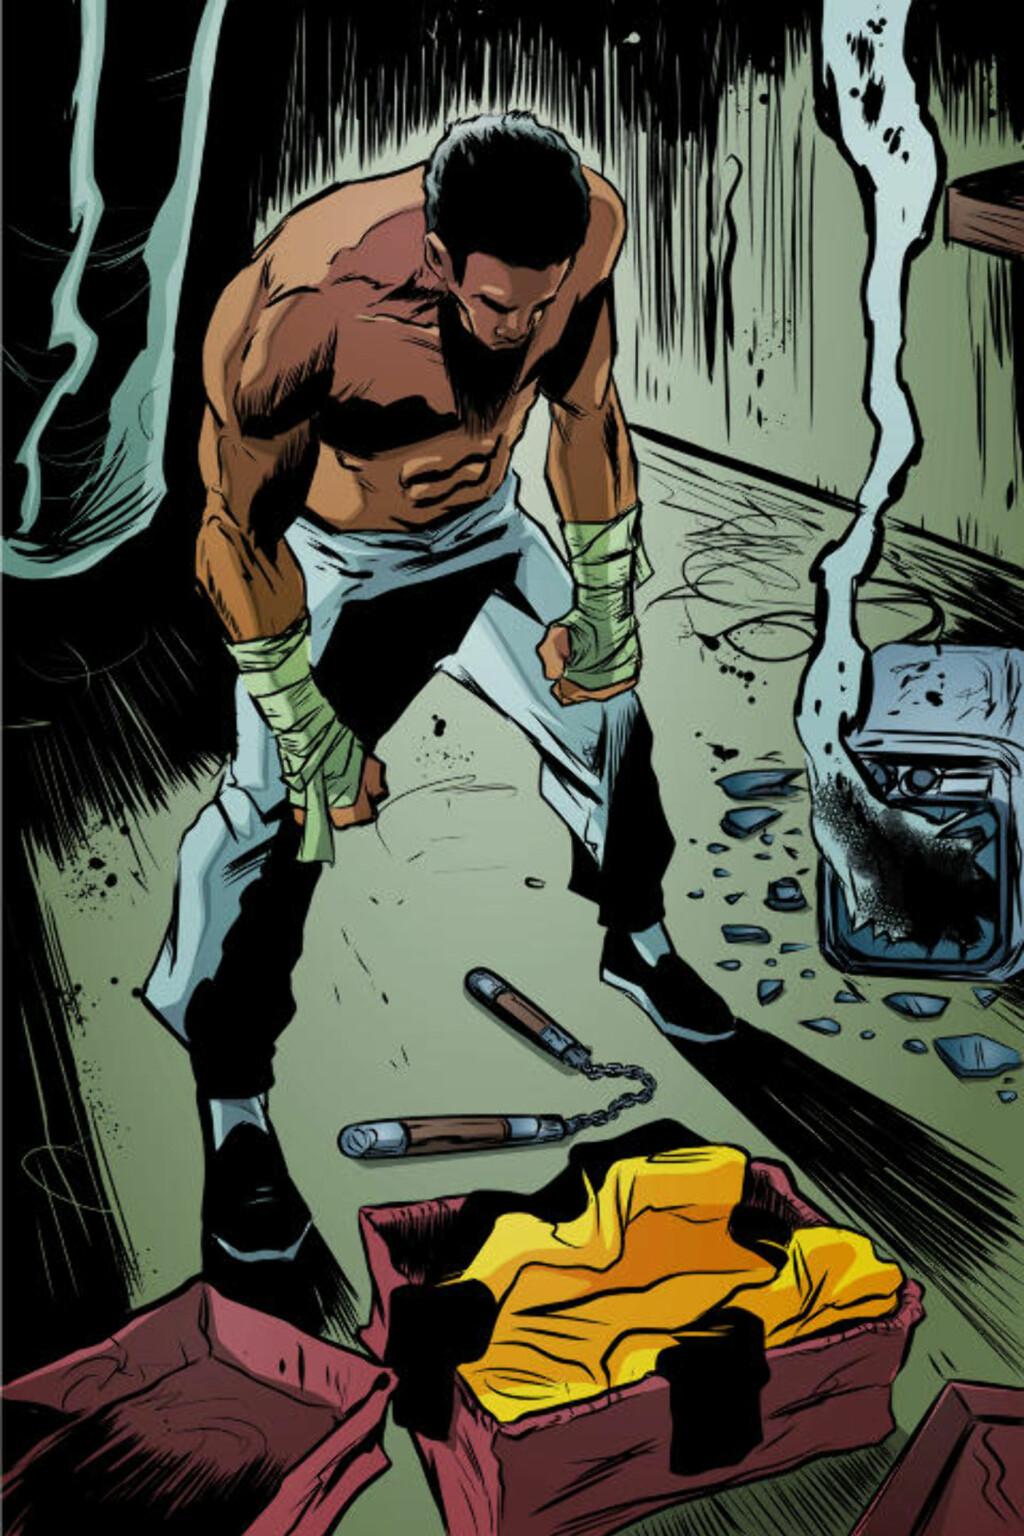 KNUST OG SINT: Etter at fetteren blir drept, bestemmer Malcolm T. Mabida seg for å ta grep om byen han bor i - og superhelten The Urban Legend er født.